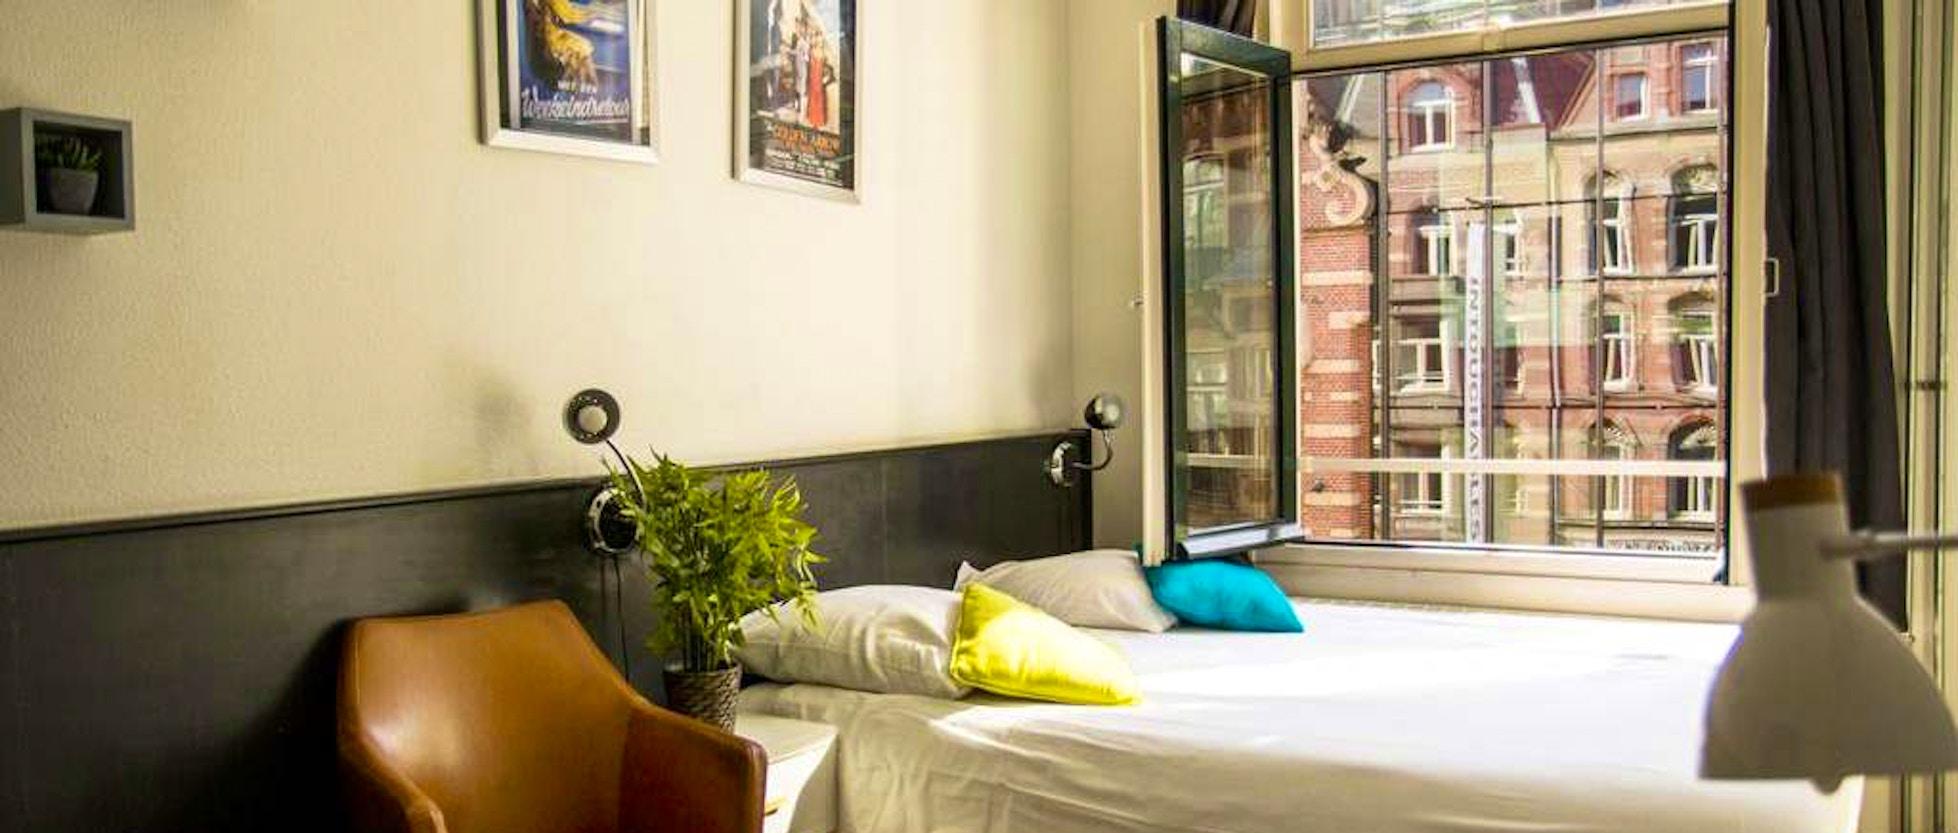 Amazing soggiorno amsterdam economico galleries for Soggiorno amsterdam economico